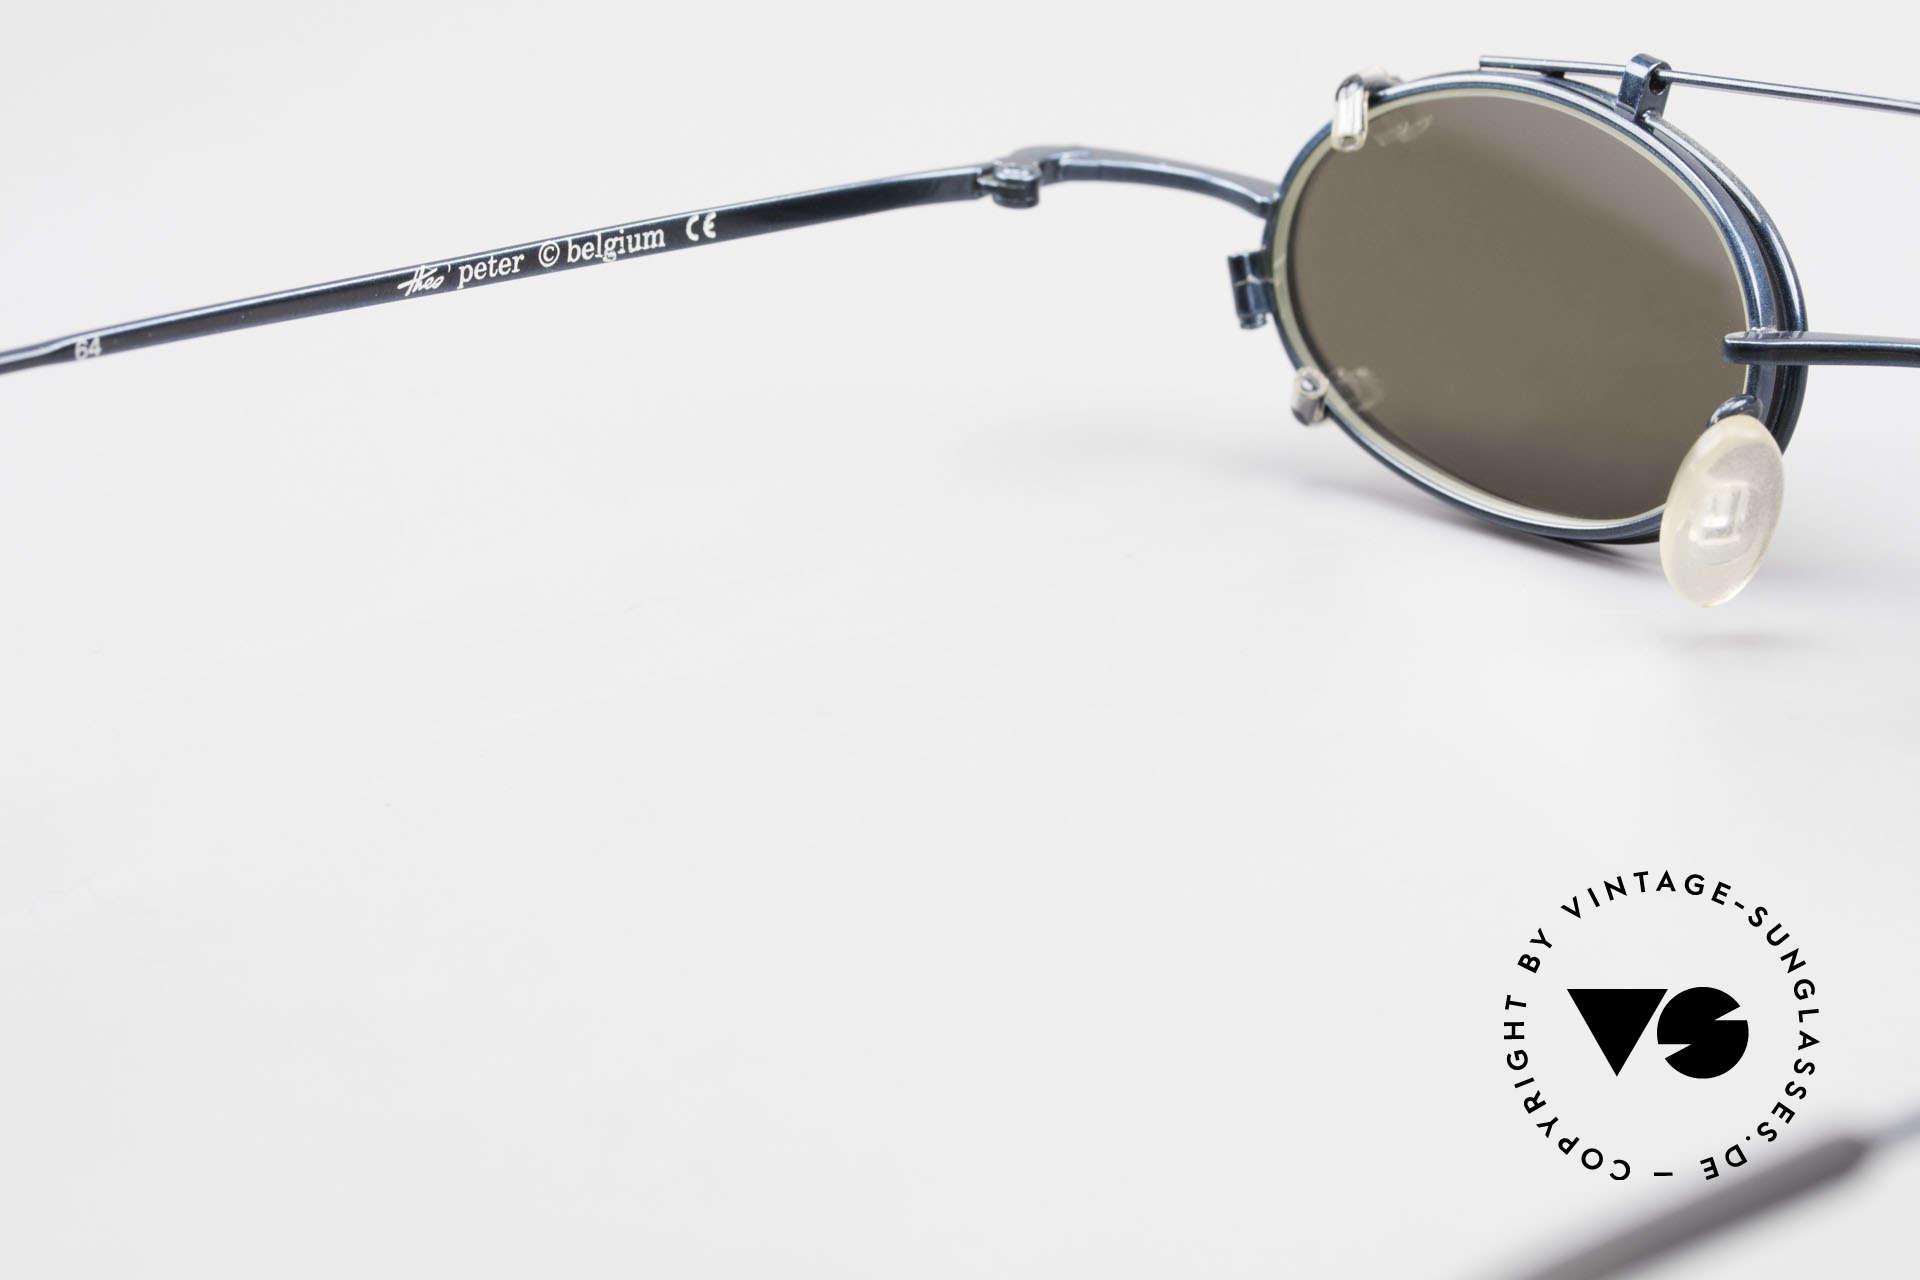 Theo Belgium Peter Ovale brille Mit Sonnen-Clip, KEINE RETRObrille, sondern ein 25 Jahres altes Unikat!, Passend für Herren und Damen